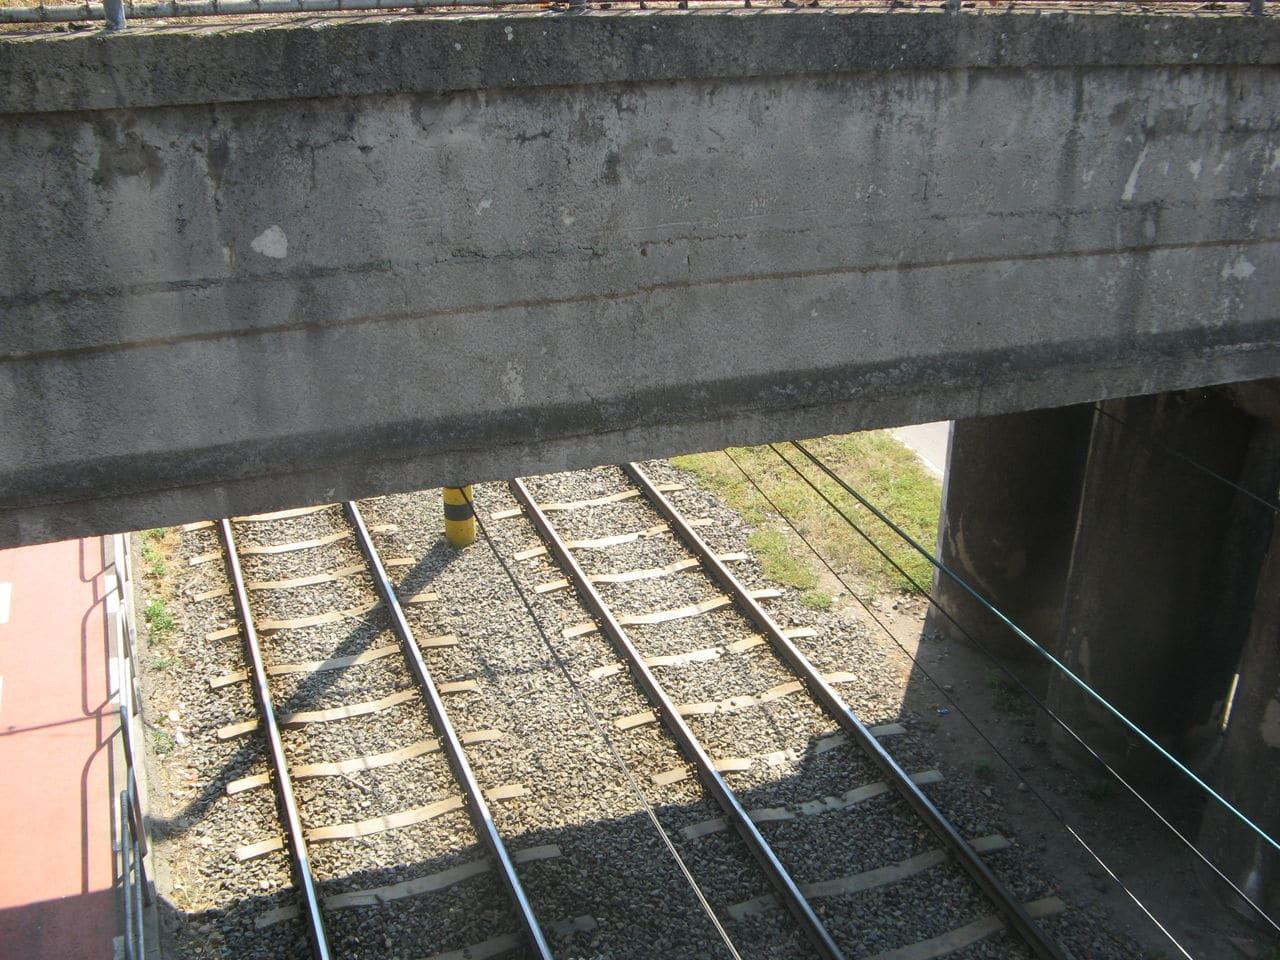 Calea ferată directă Oradea Vest - Episcopia Bihor IMG_0027